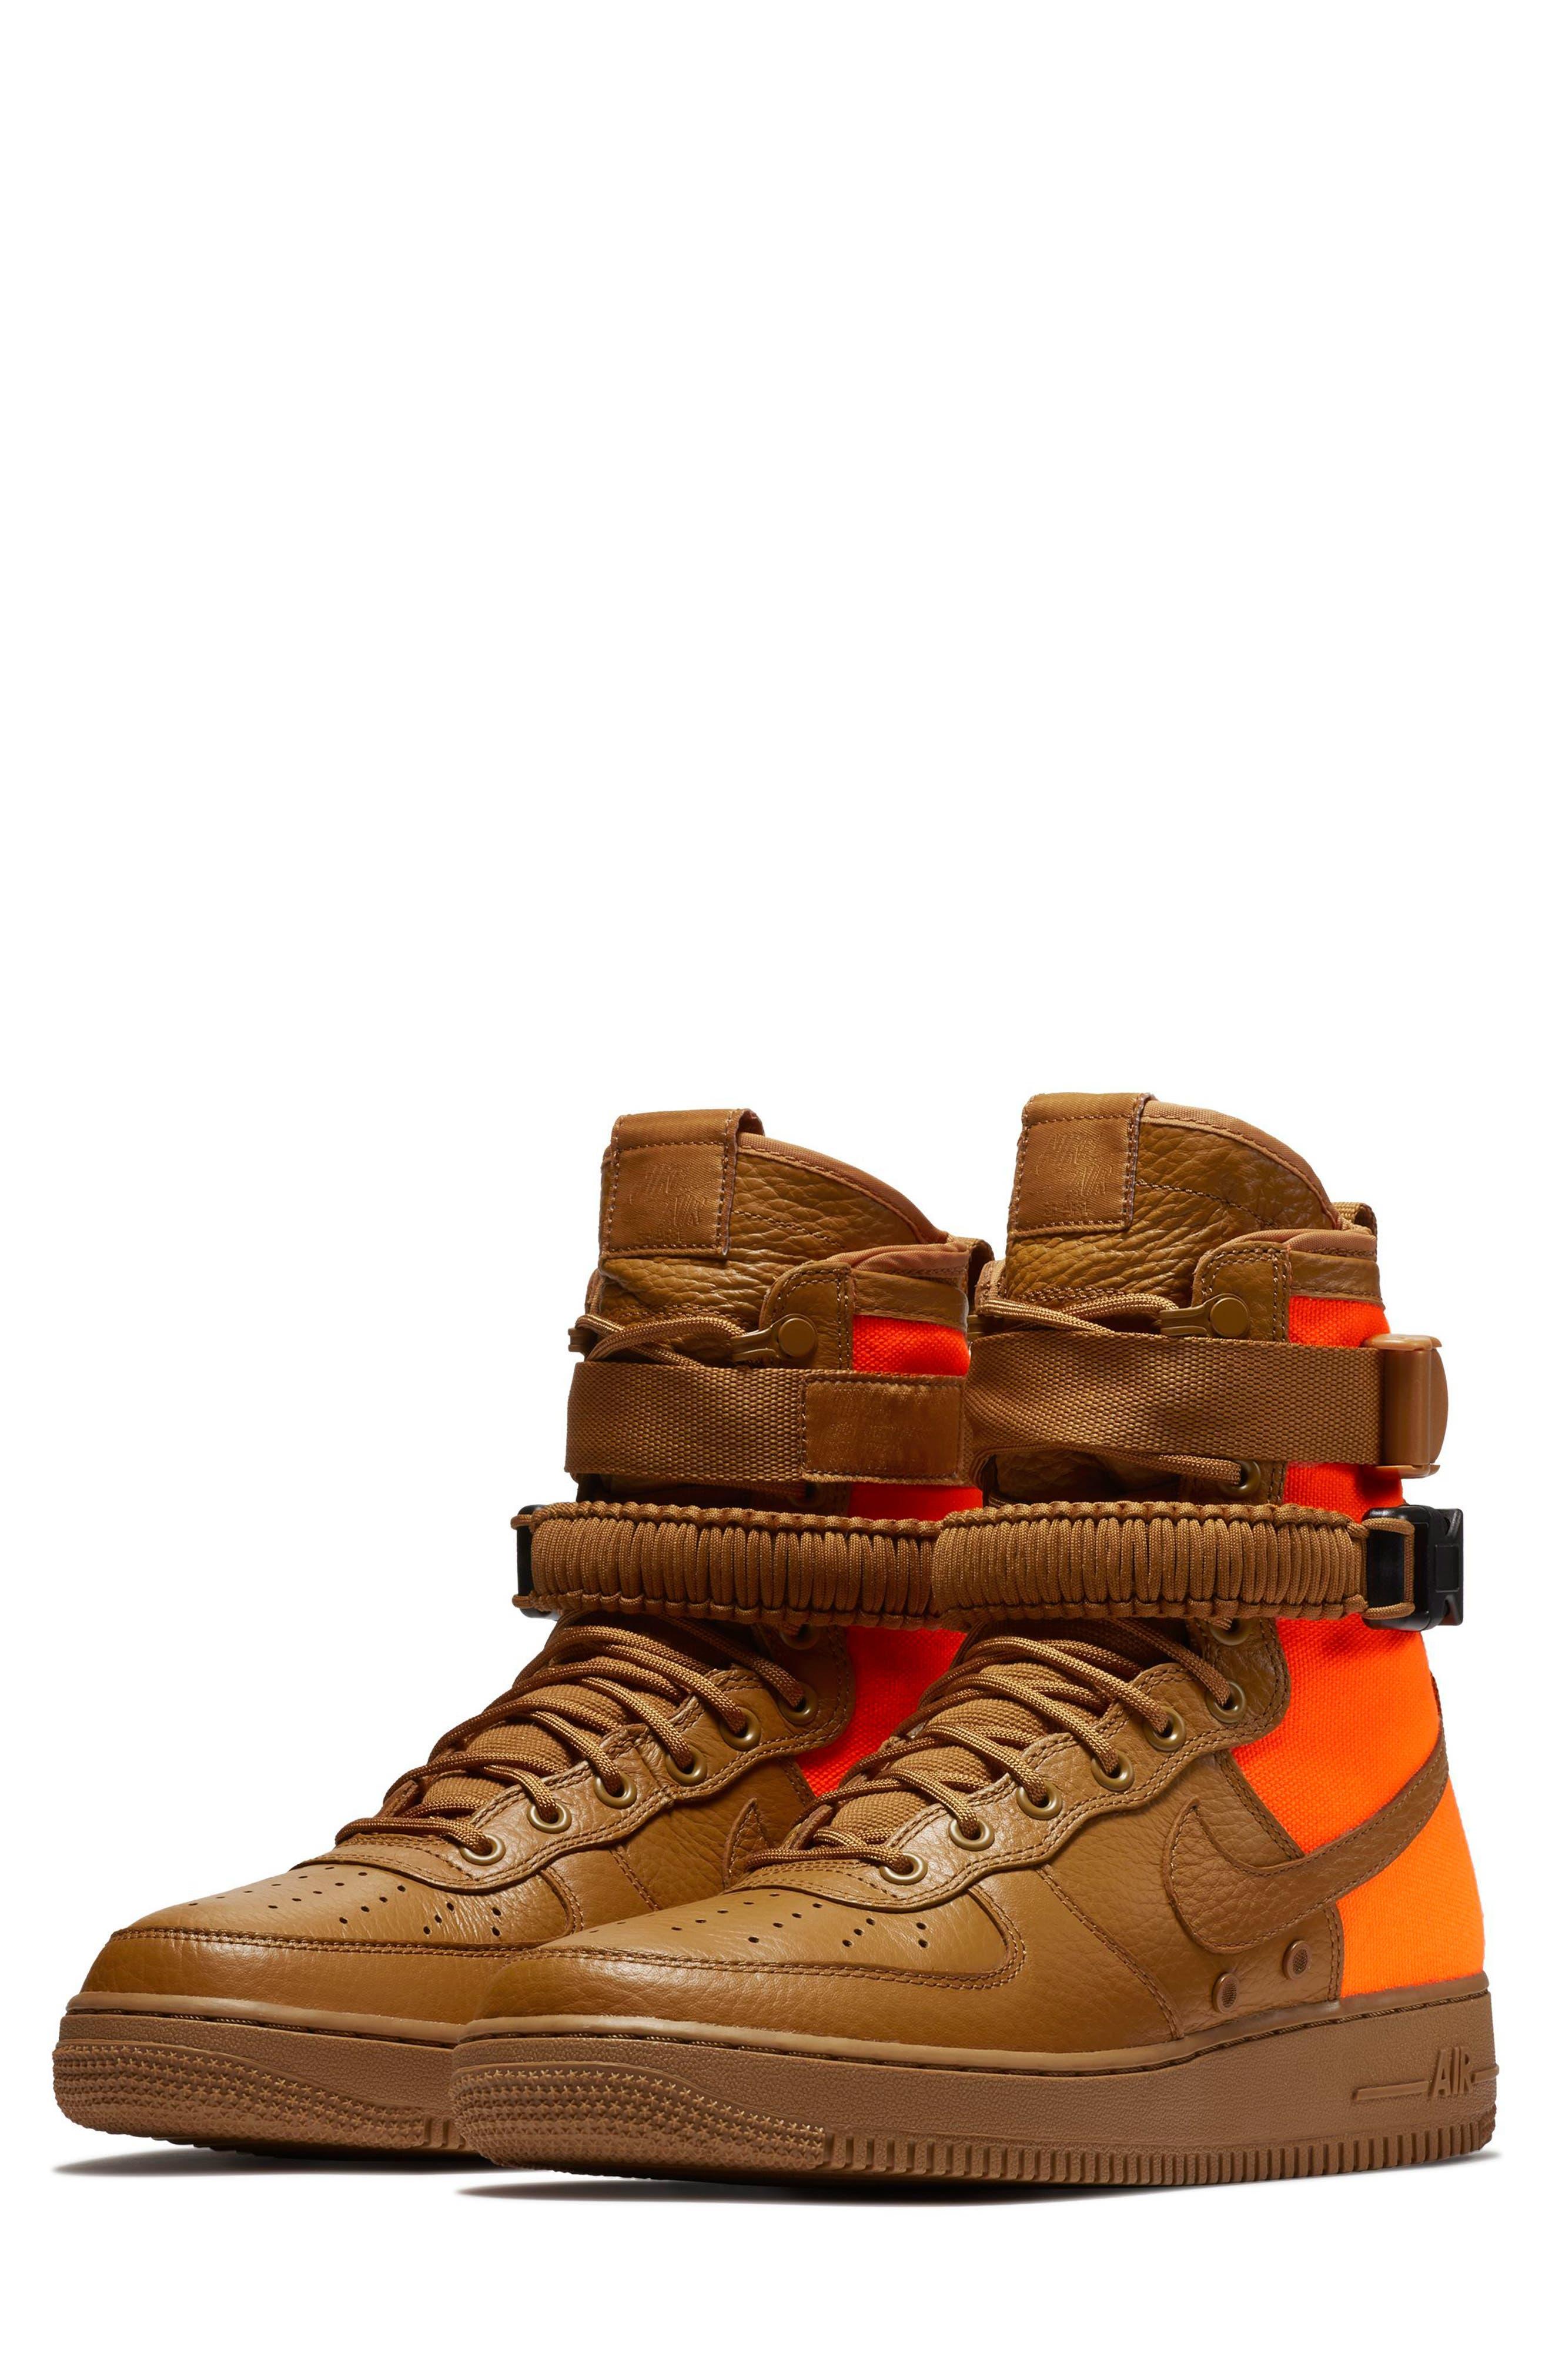 SF Air Force 1 QS High Top Sneaker,                             Main thumbnail 1, color,                             200